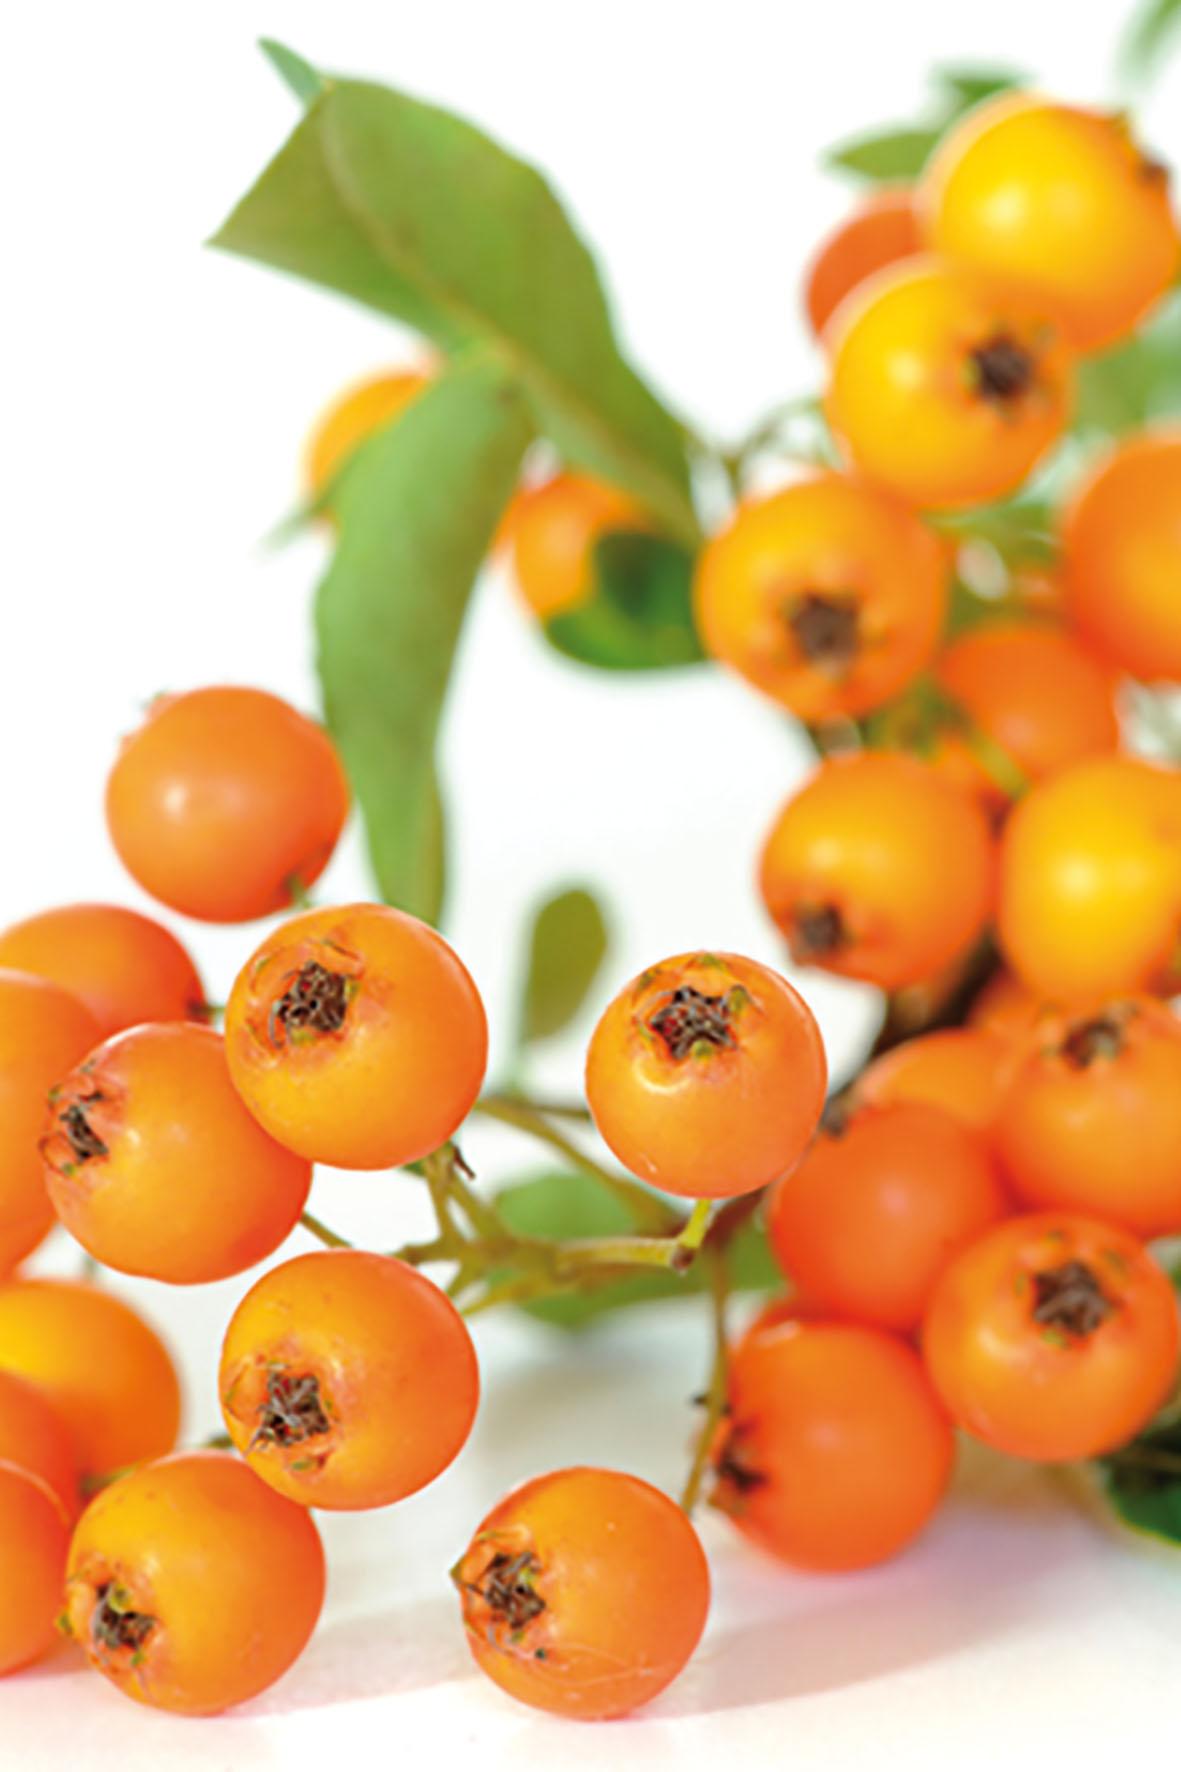 Ein Nahrungsergänzungsmittel mit Sanddorn, Vitaminen, sekundären Pflanzenstoffen sowie Omega-Fettsäuren kann die Schleimhäute im Genitalbereich gezielt regenerieren und Intimität wieder lustvoll machen